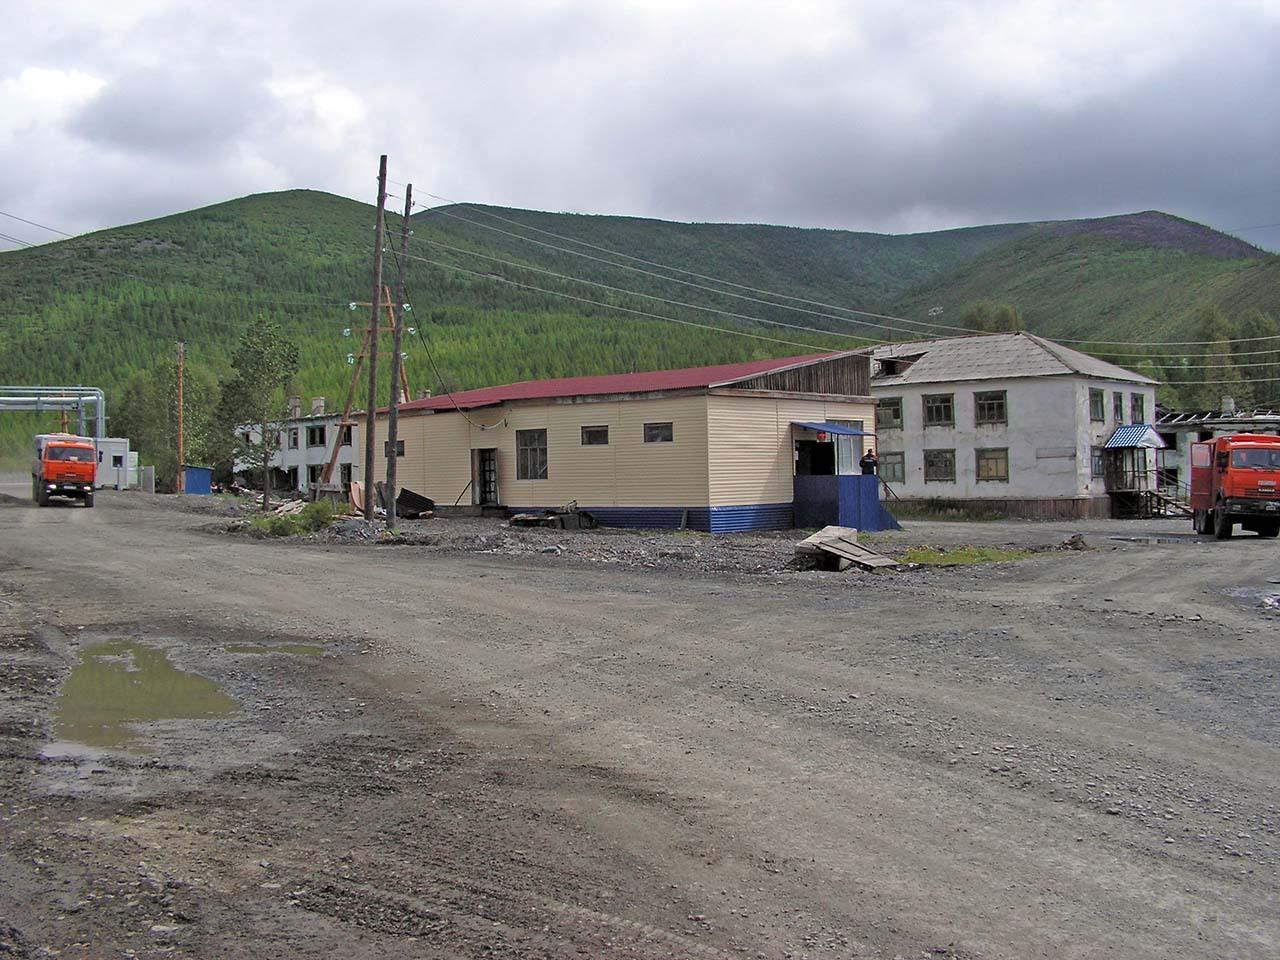 Все еще на месте магазин и остатки общежития, в котором мы ночевали. Фото из архива Валерия Мусиенко.